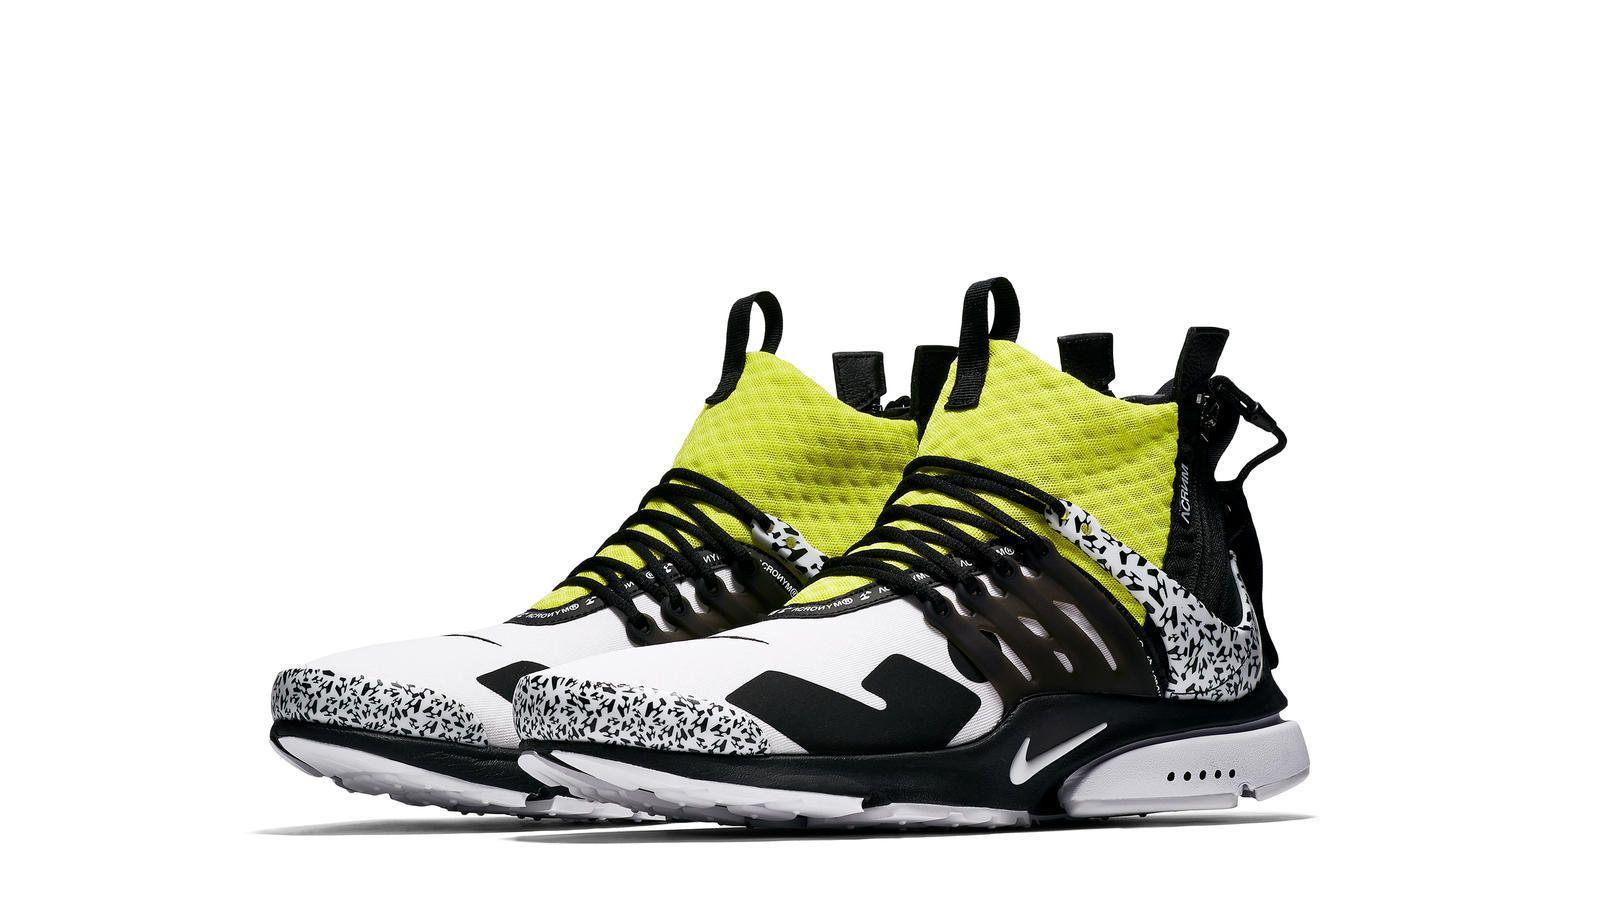 Nike Air Presto Mid Acronym 2